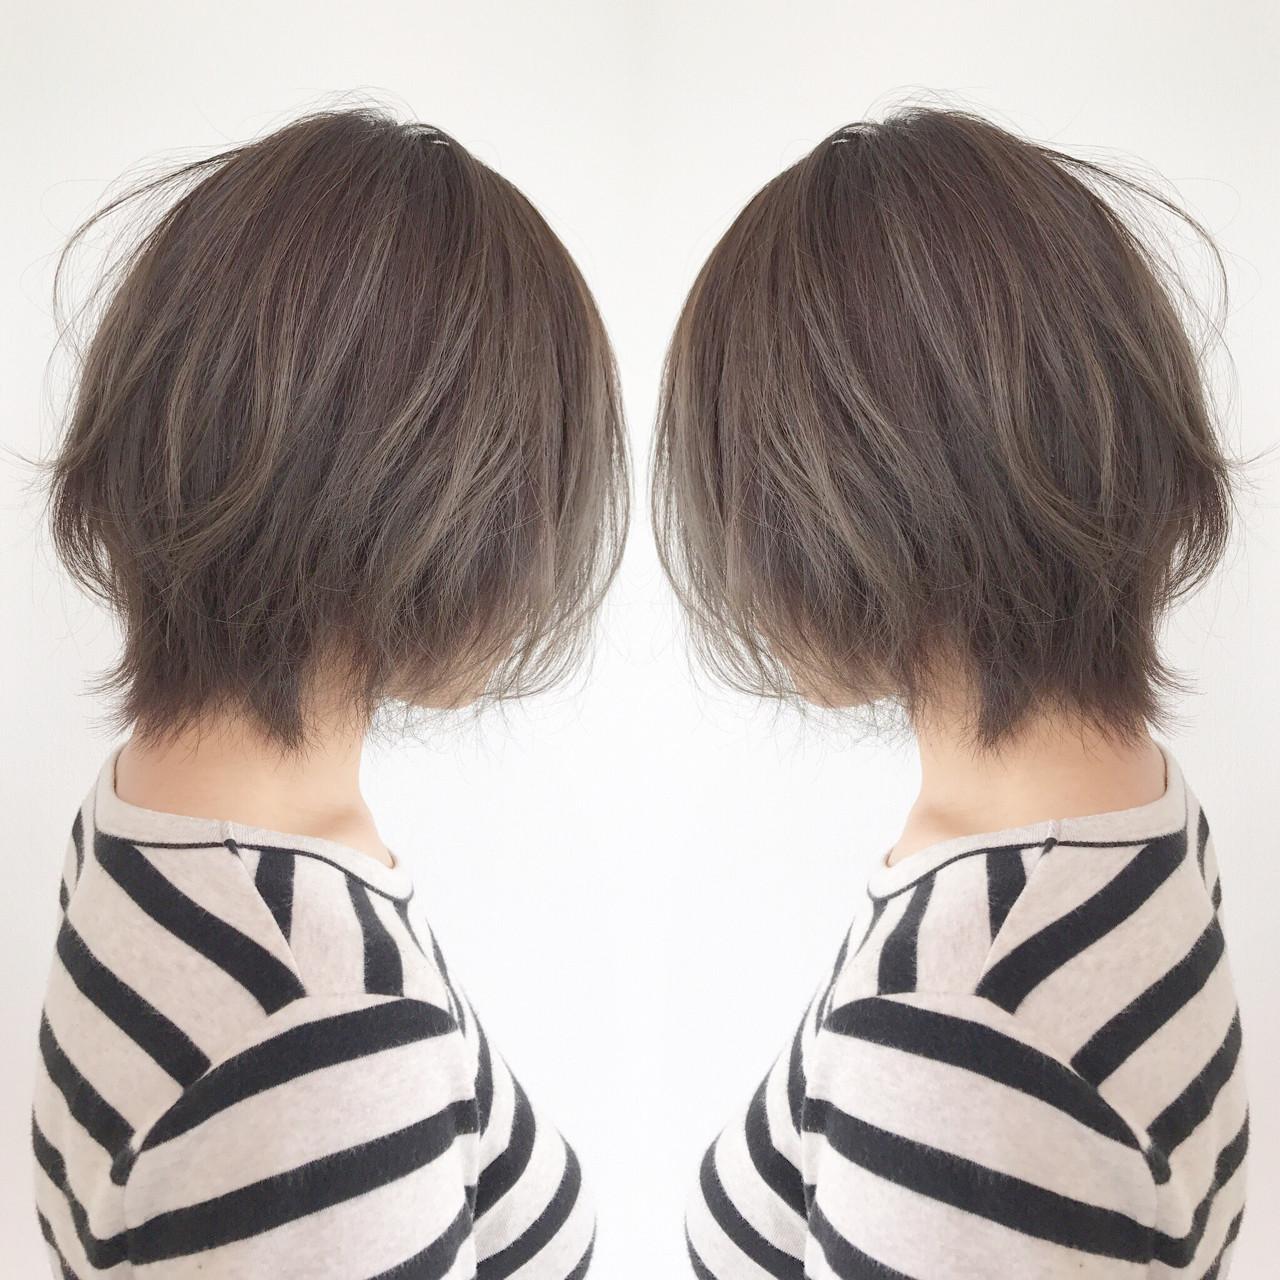 モード グラデーションカラー ボブ ミルクティーベージュヘアスタイルや髪型の写真・画像